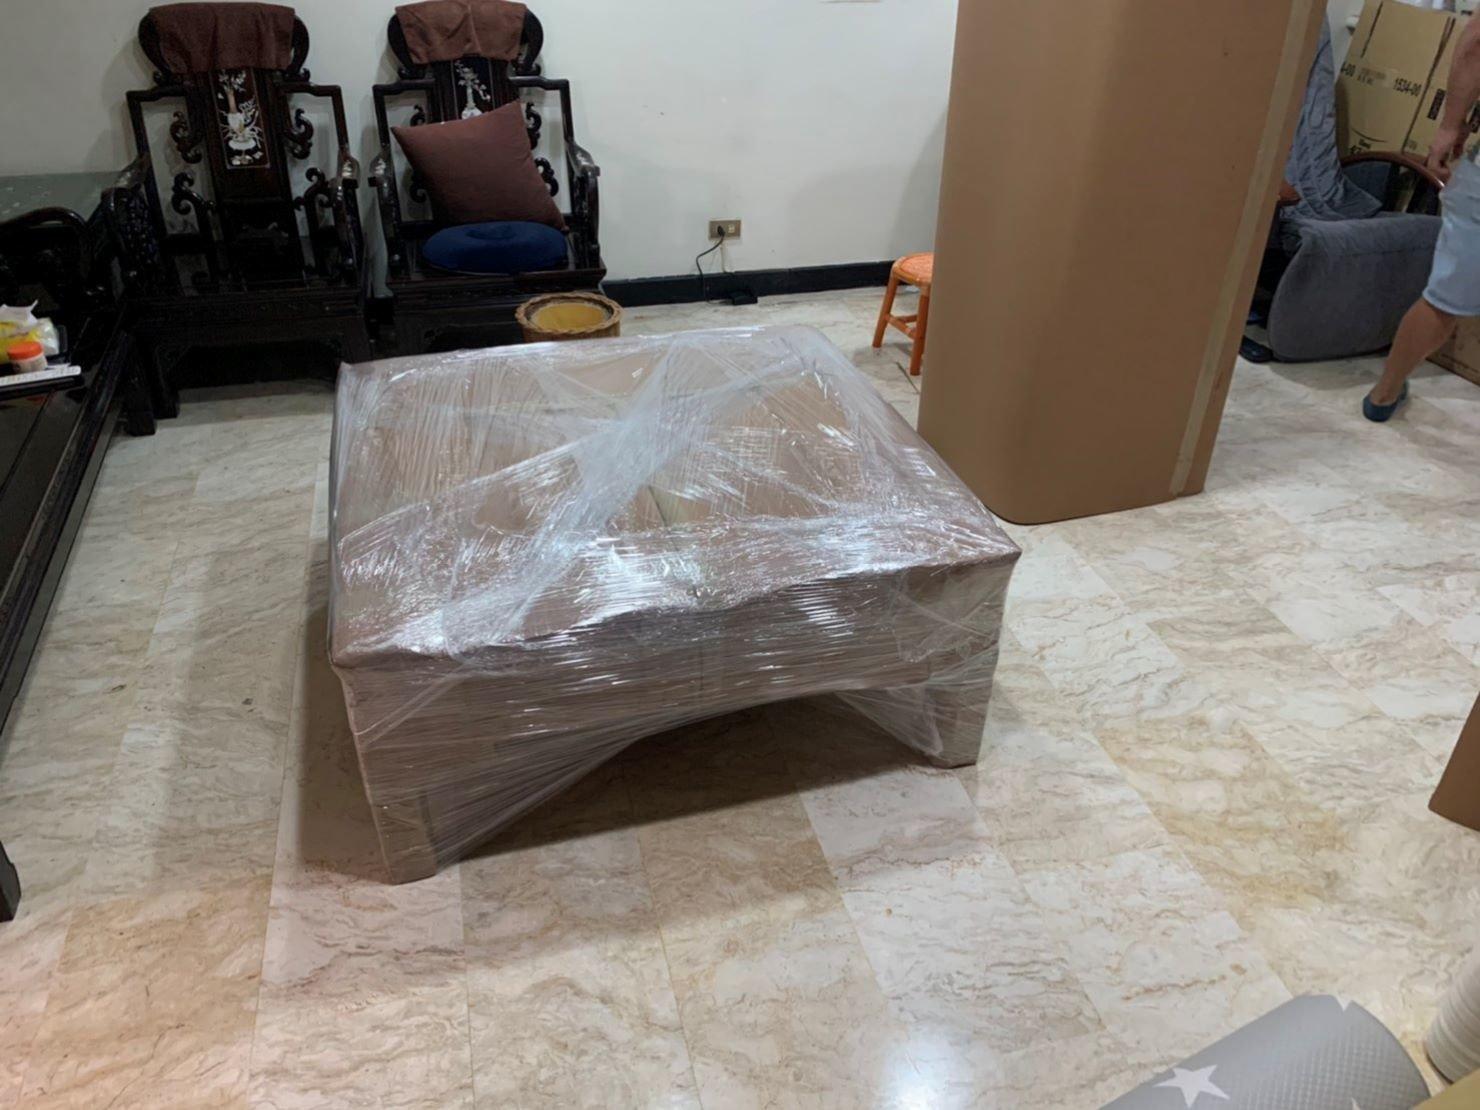 【榮福搬家公司】口碑第一、台北搬家:以膠膜、瓦楞紙將紅木雕刻玻璃桌做包裝防護,專業且細膩的包裝手法,給予家具最大的保護。